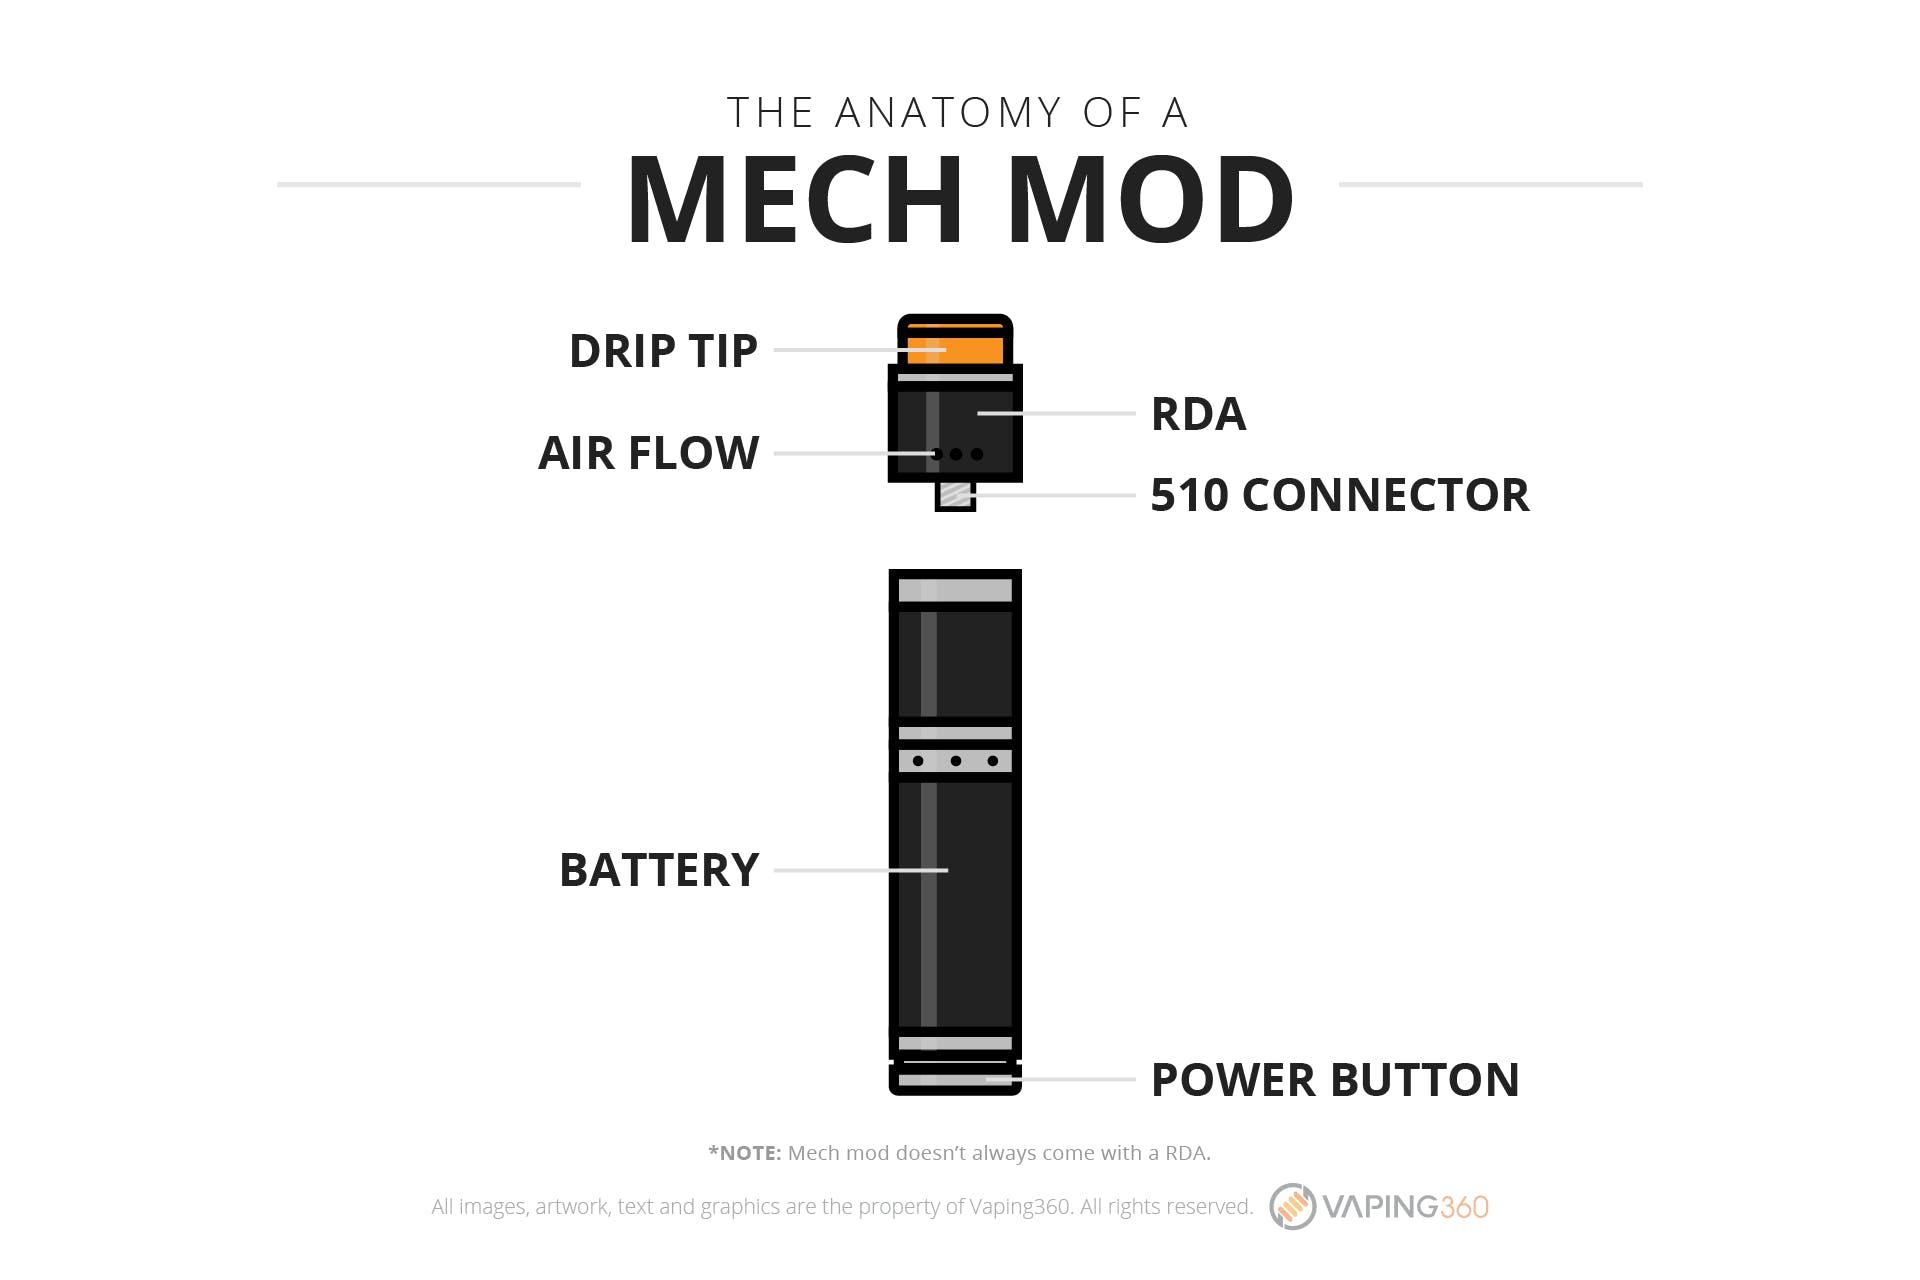 What is a mech mod?